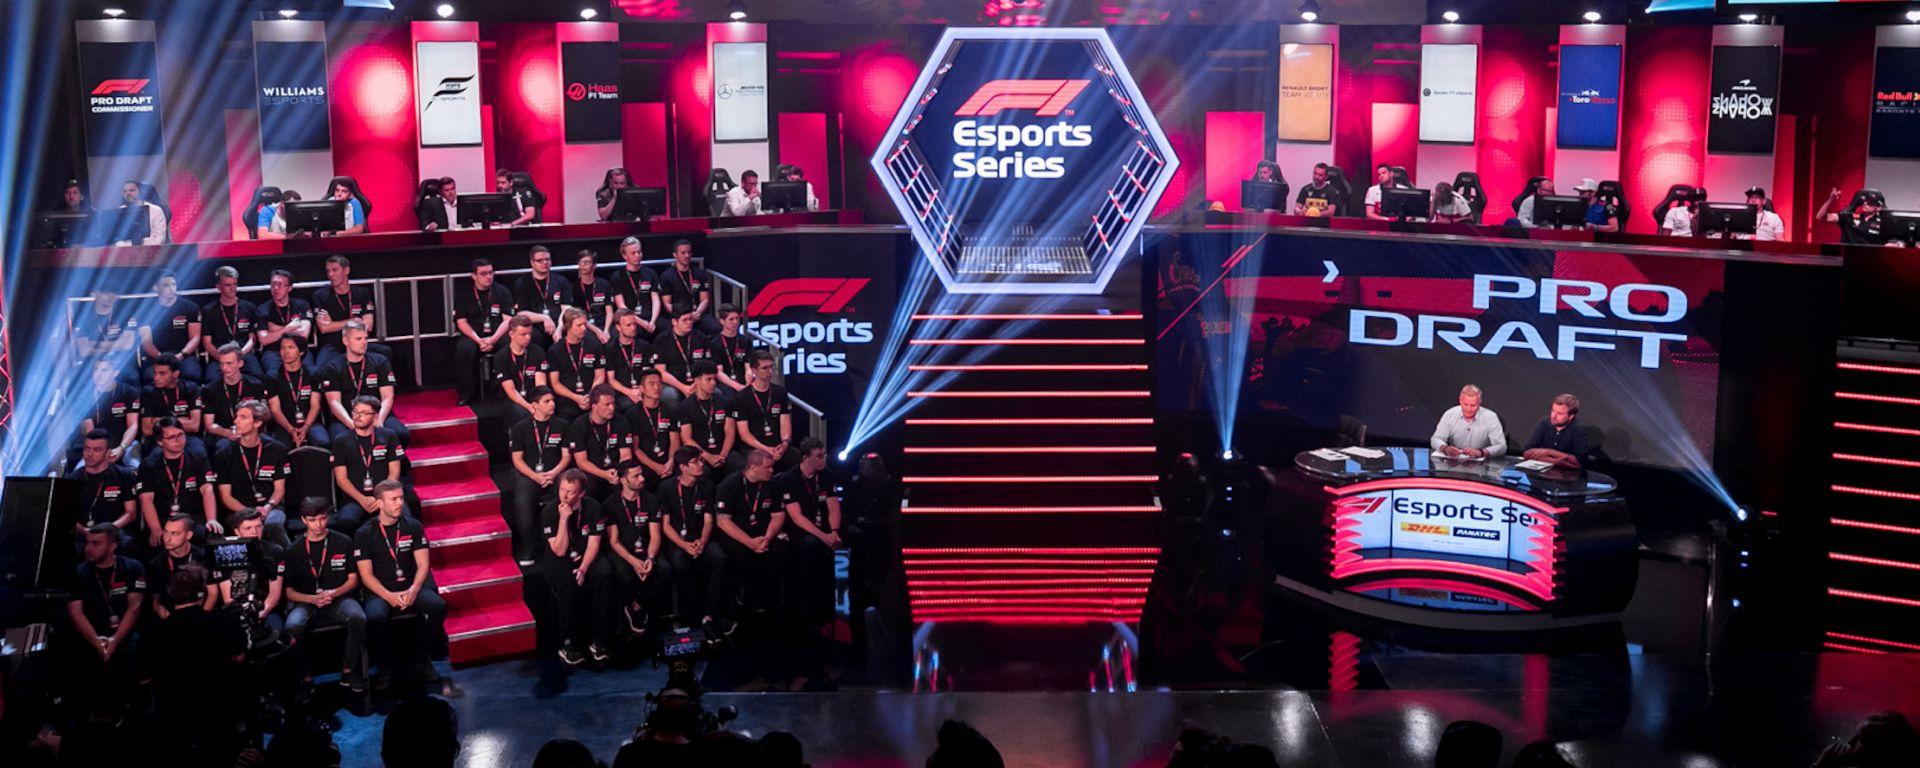 La Gfinity Arena di Londra pronta per il Pro Draft della F1 eSport Series 2019